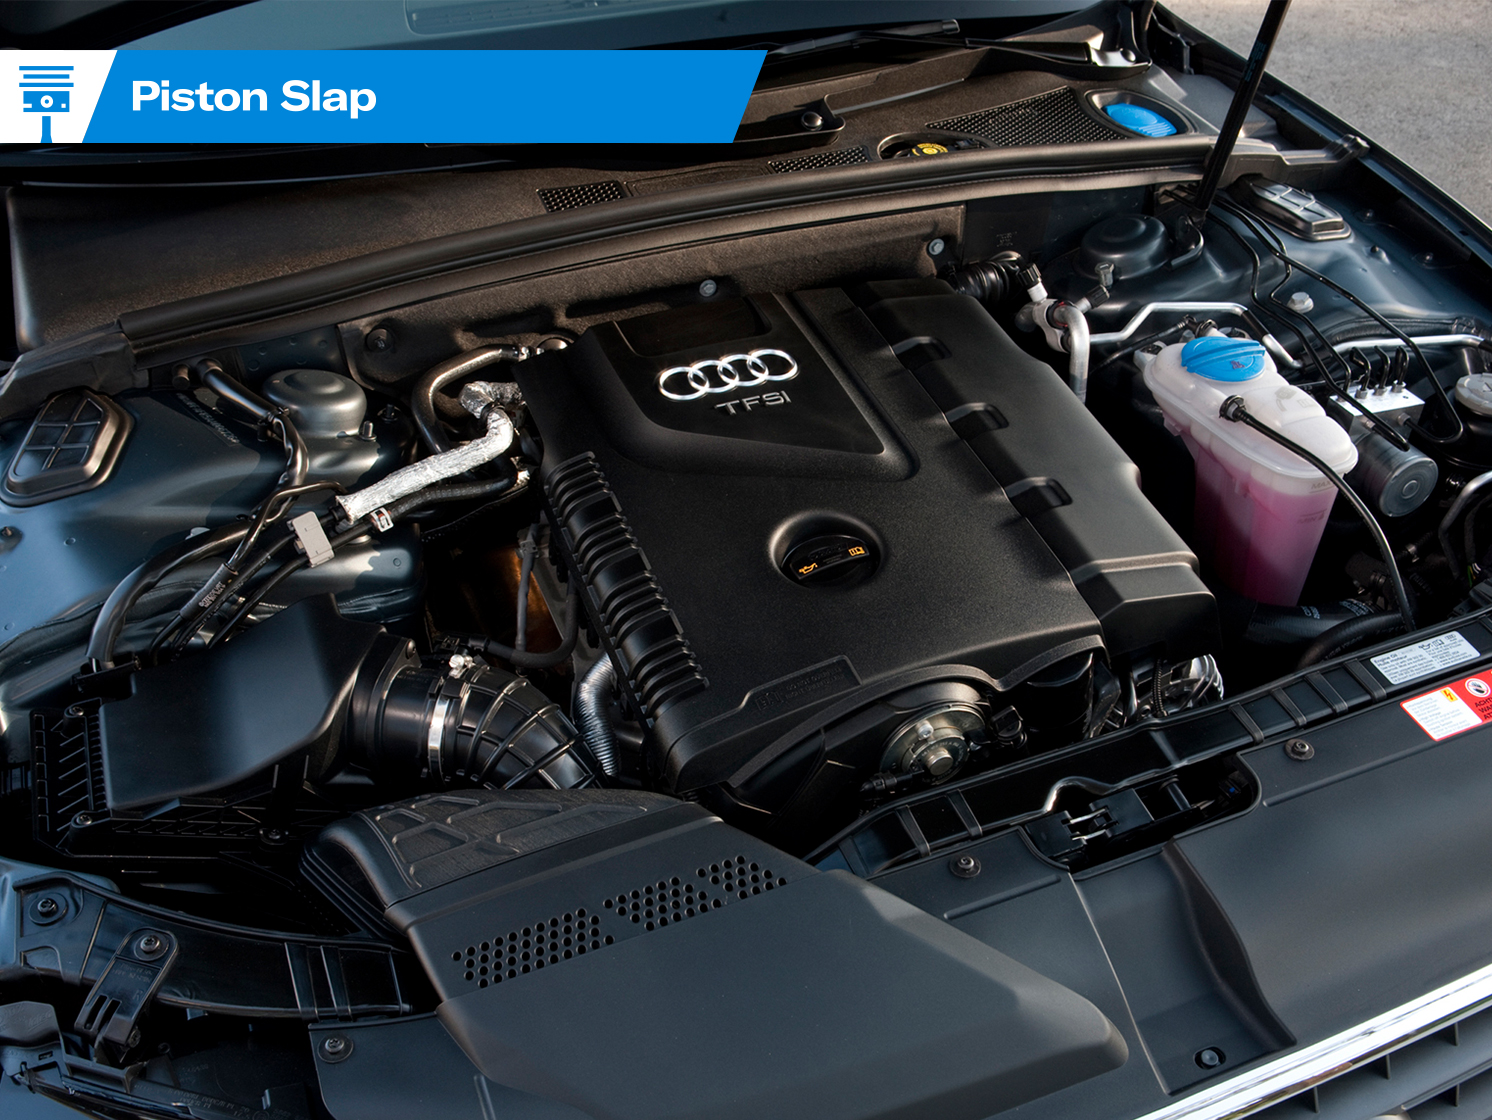 Piston_Slap_Audi_Engine_Issues_Lead